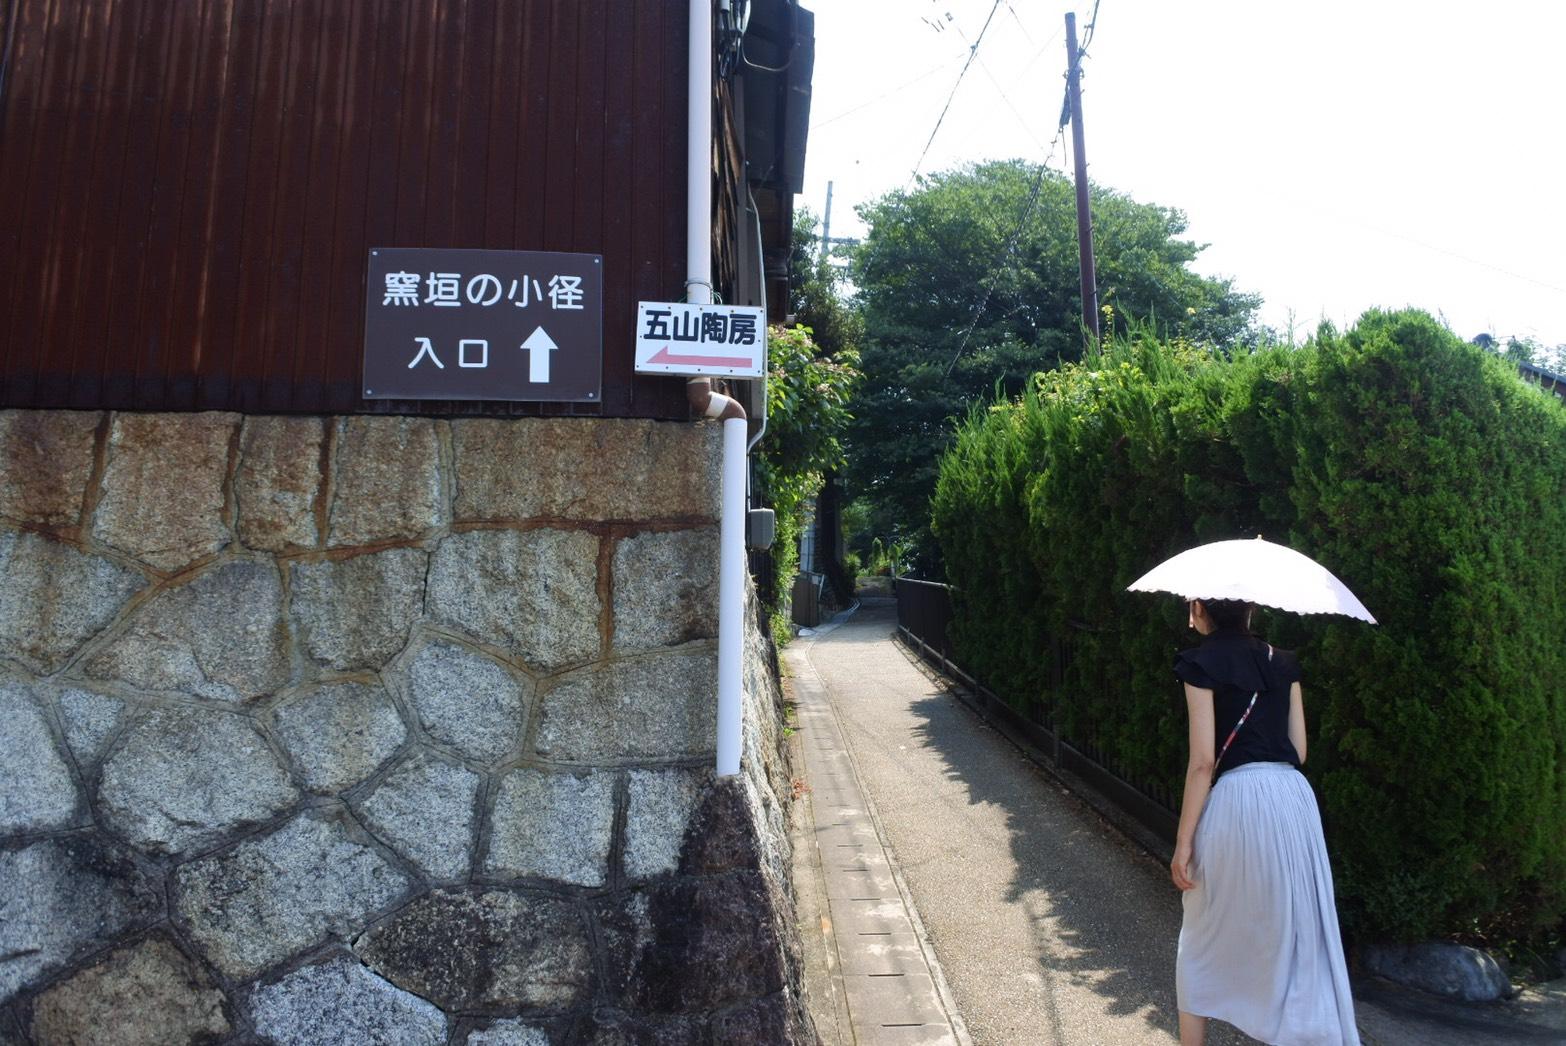 愛知県 瀬戸市